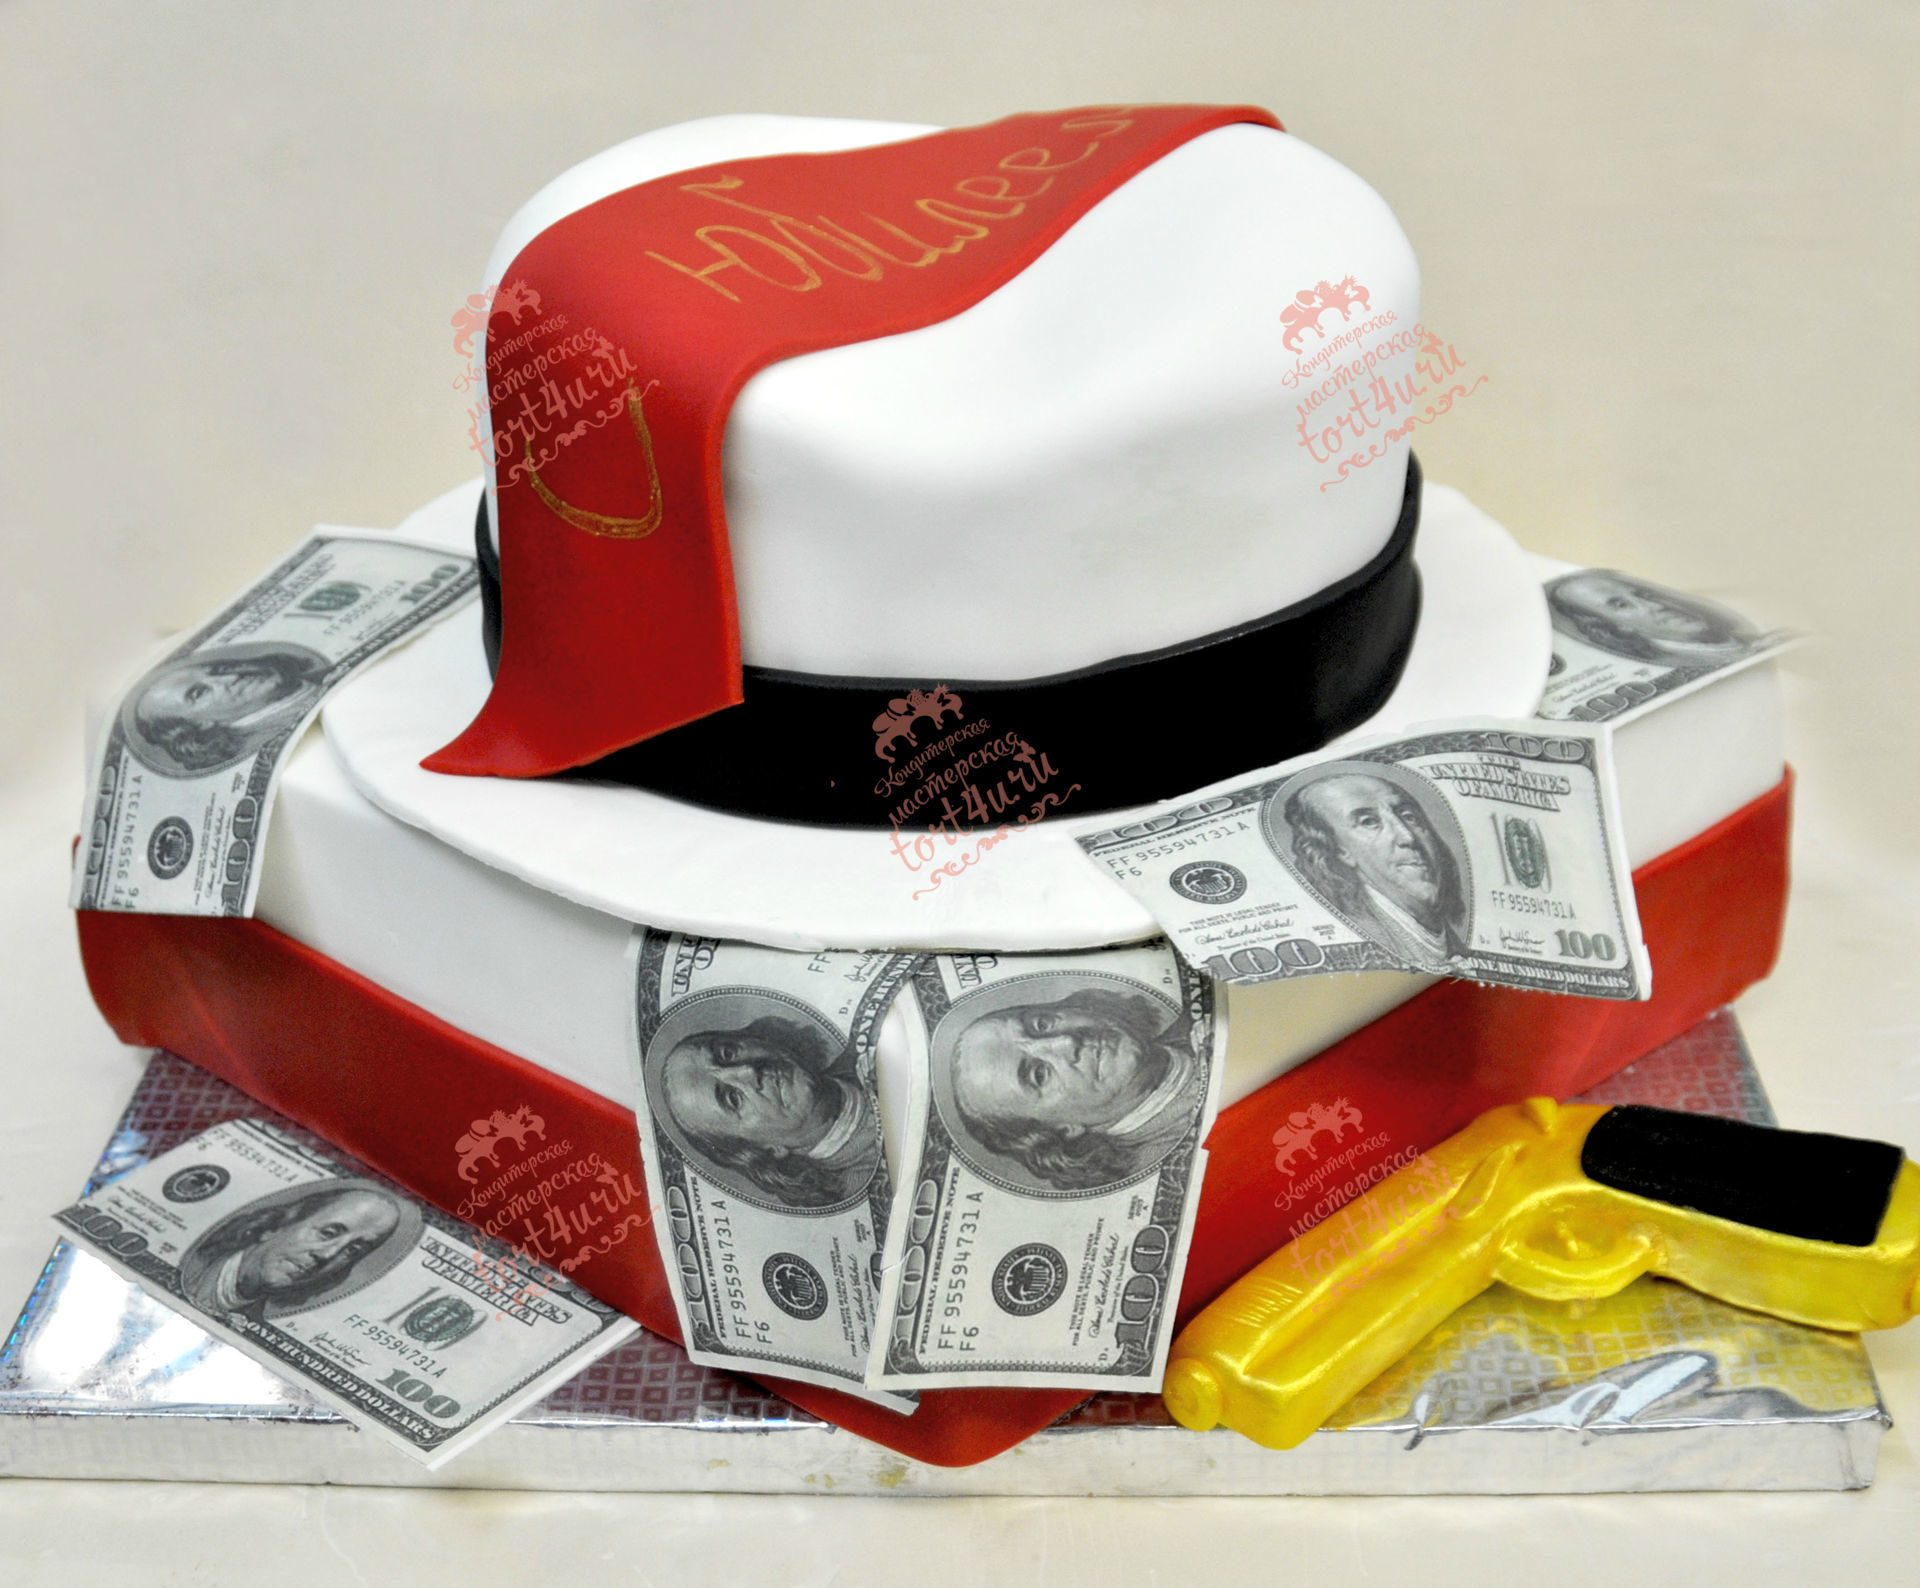 Торт на день рождения мужу фото  Оформление тортов для мужчин Тортики для мужчин Торты на юбилей мужчине Торты мужские фото